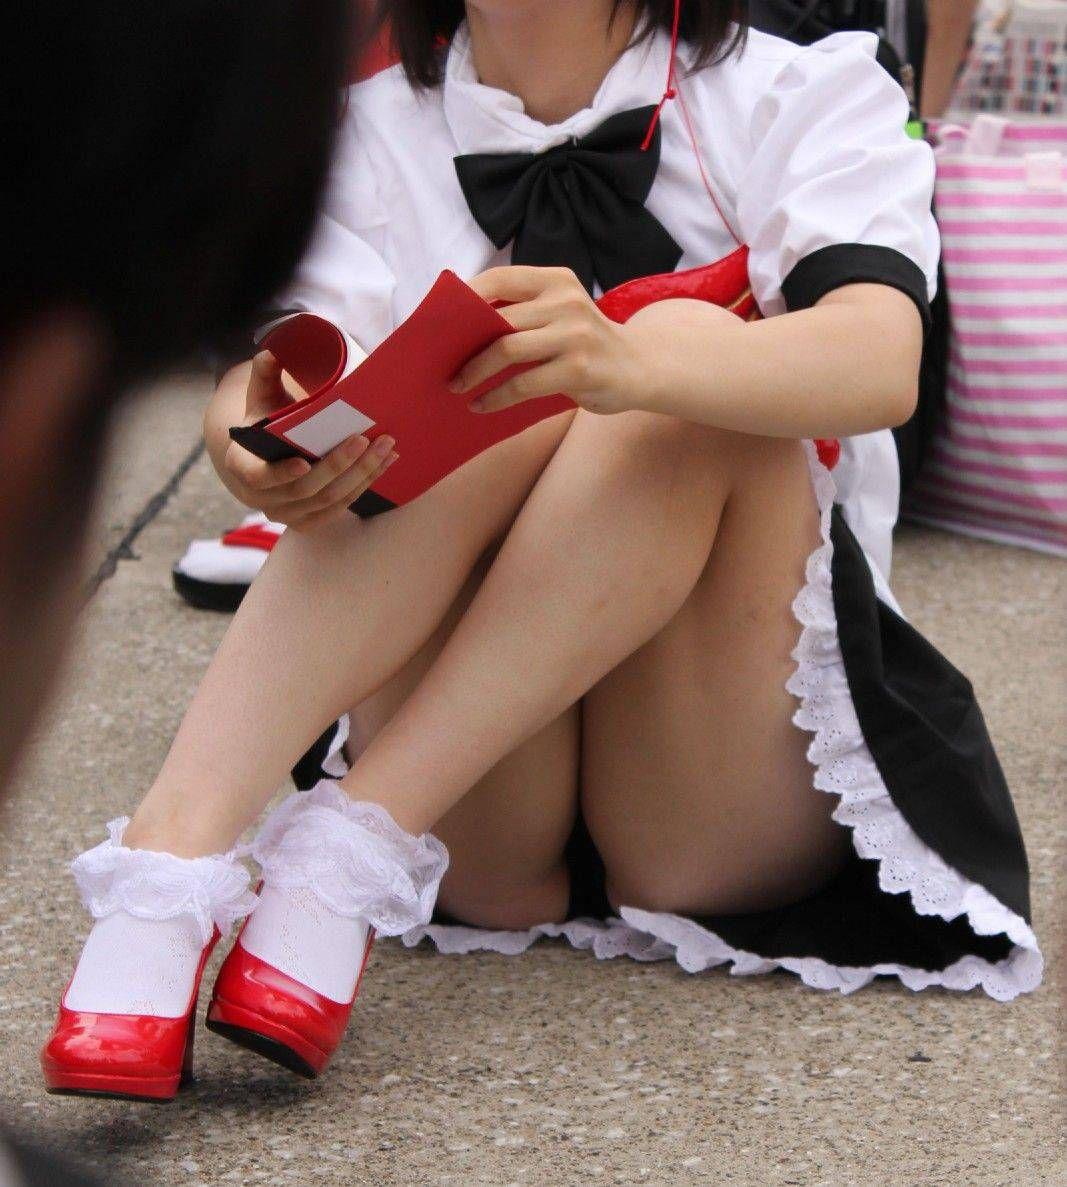 【コスプレエロ画像】ムッチリ揃いで見逃せないコスプレイヤー達の美脚(;´Д`)